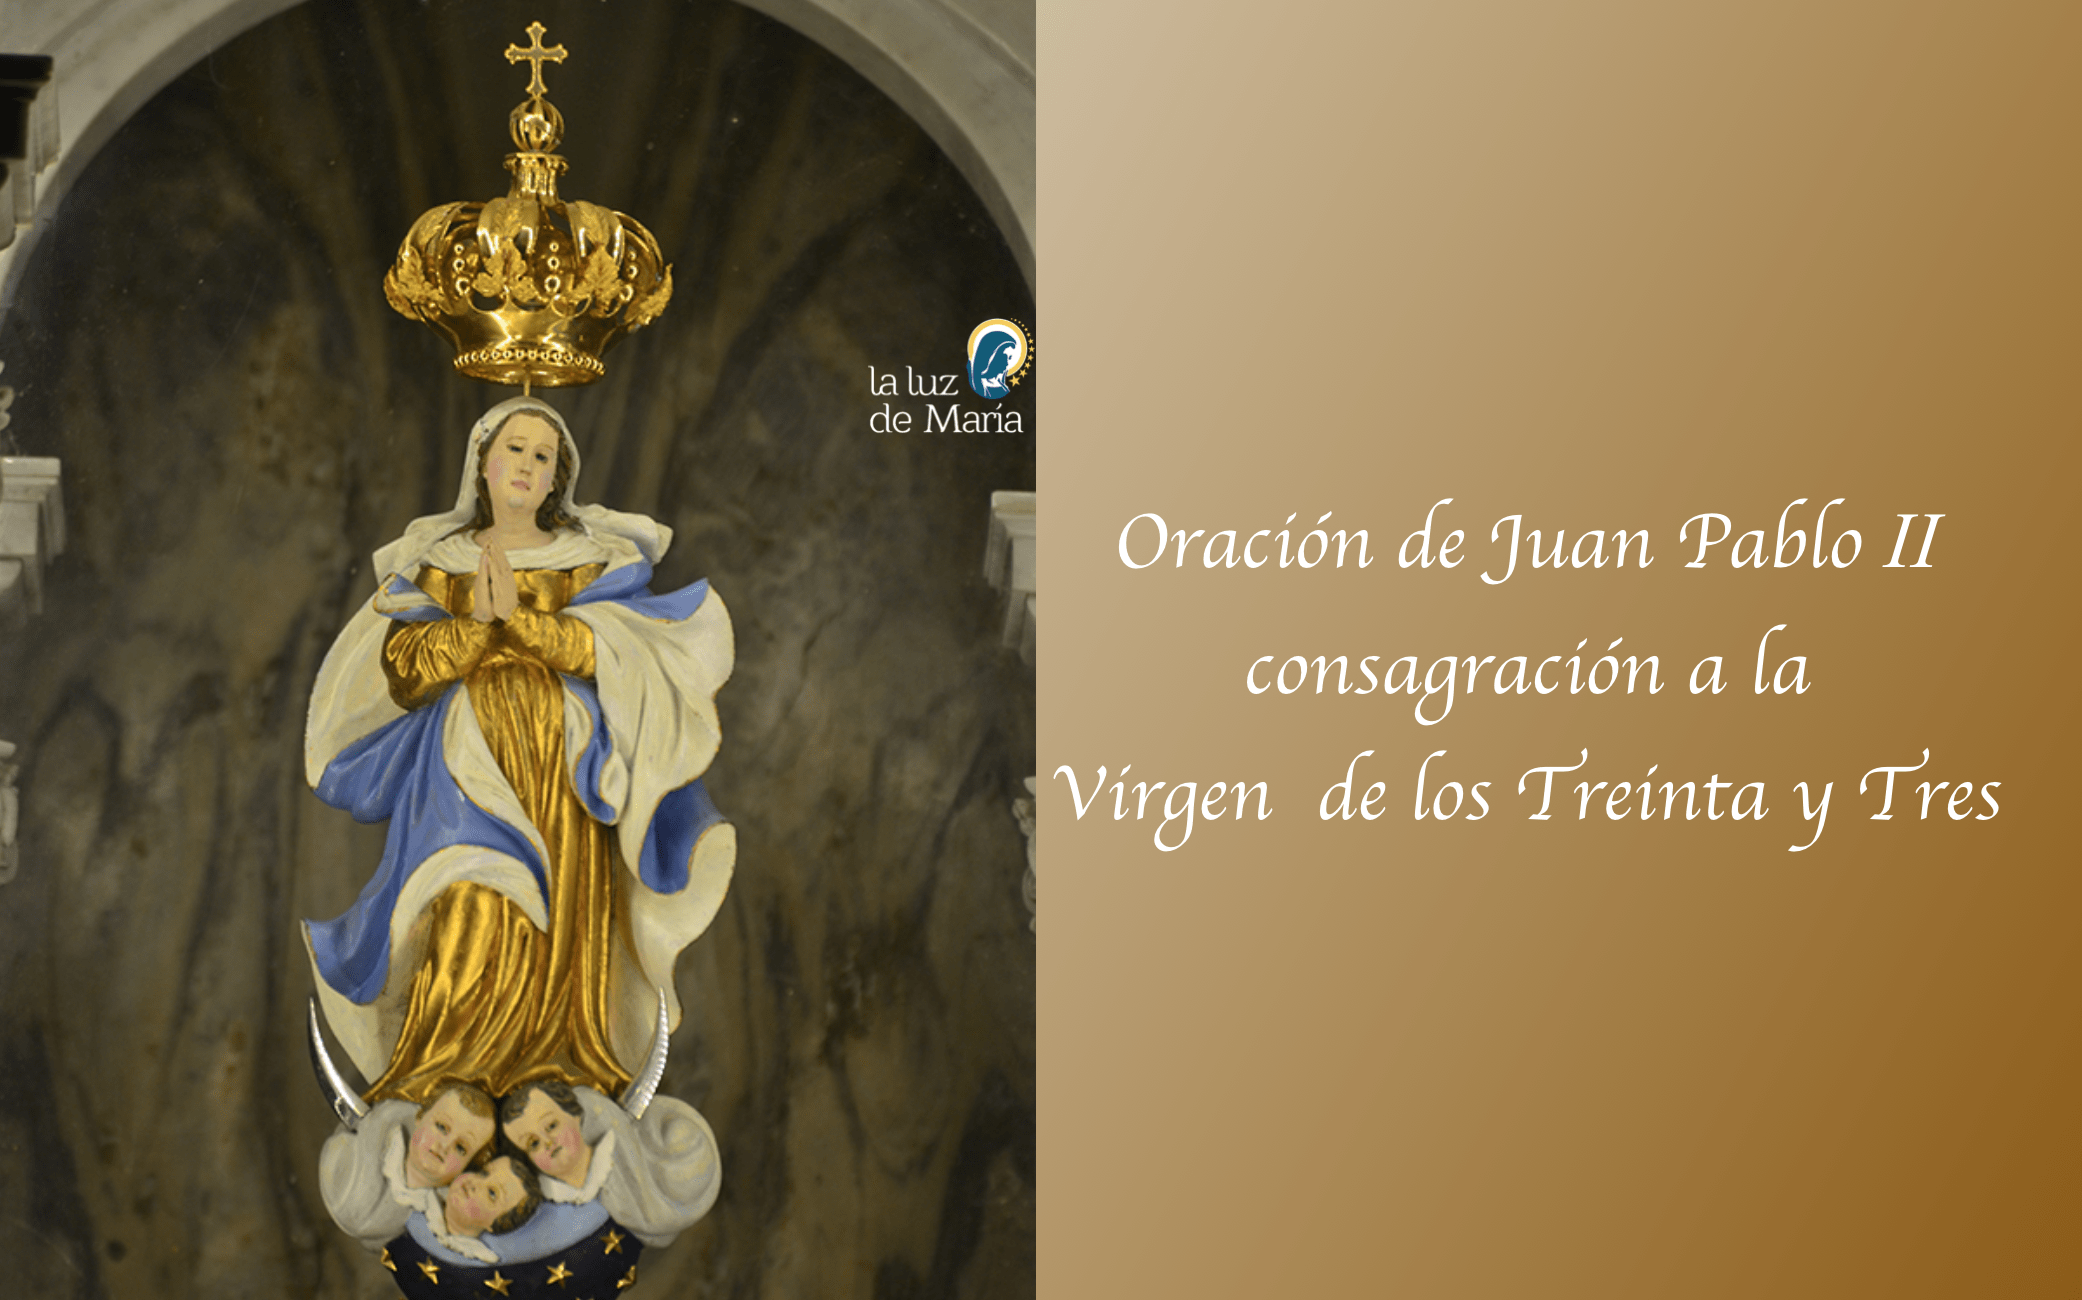 Virgen de los Treinta y Tres